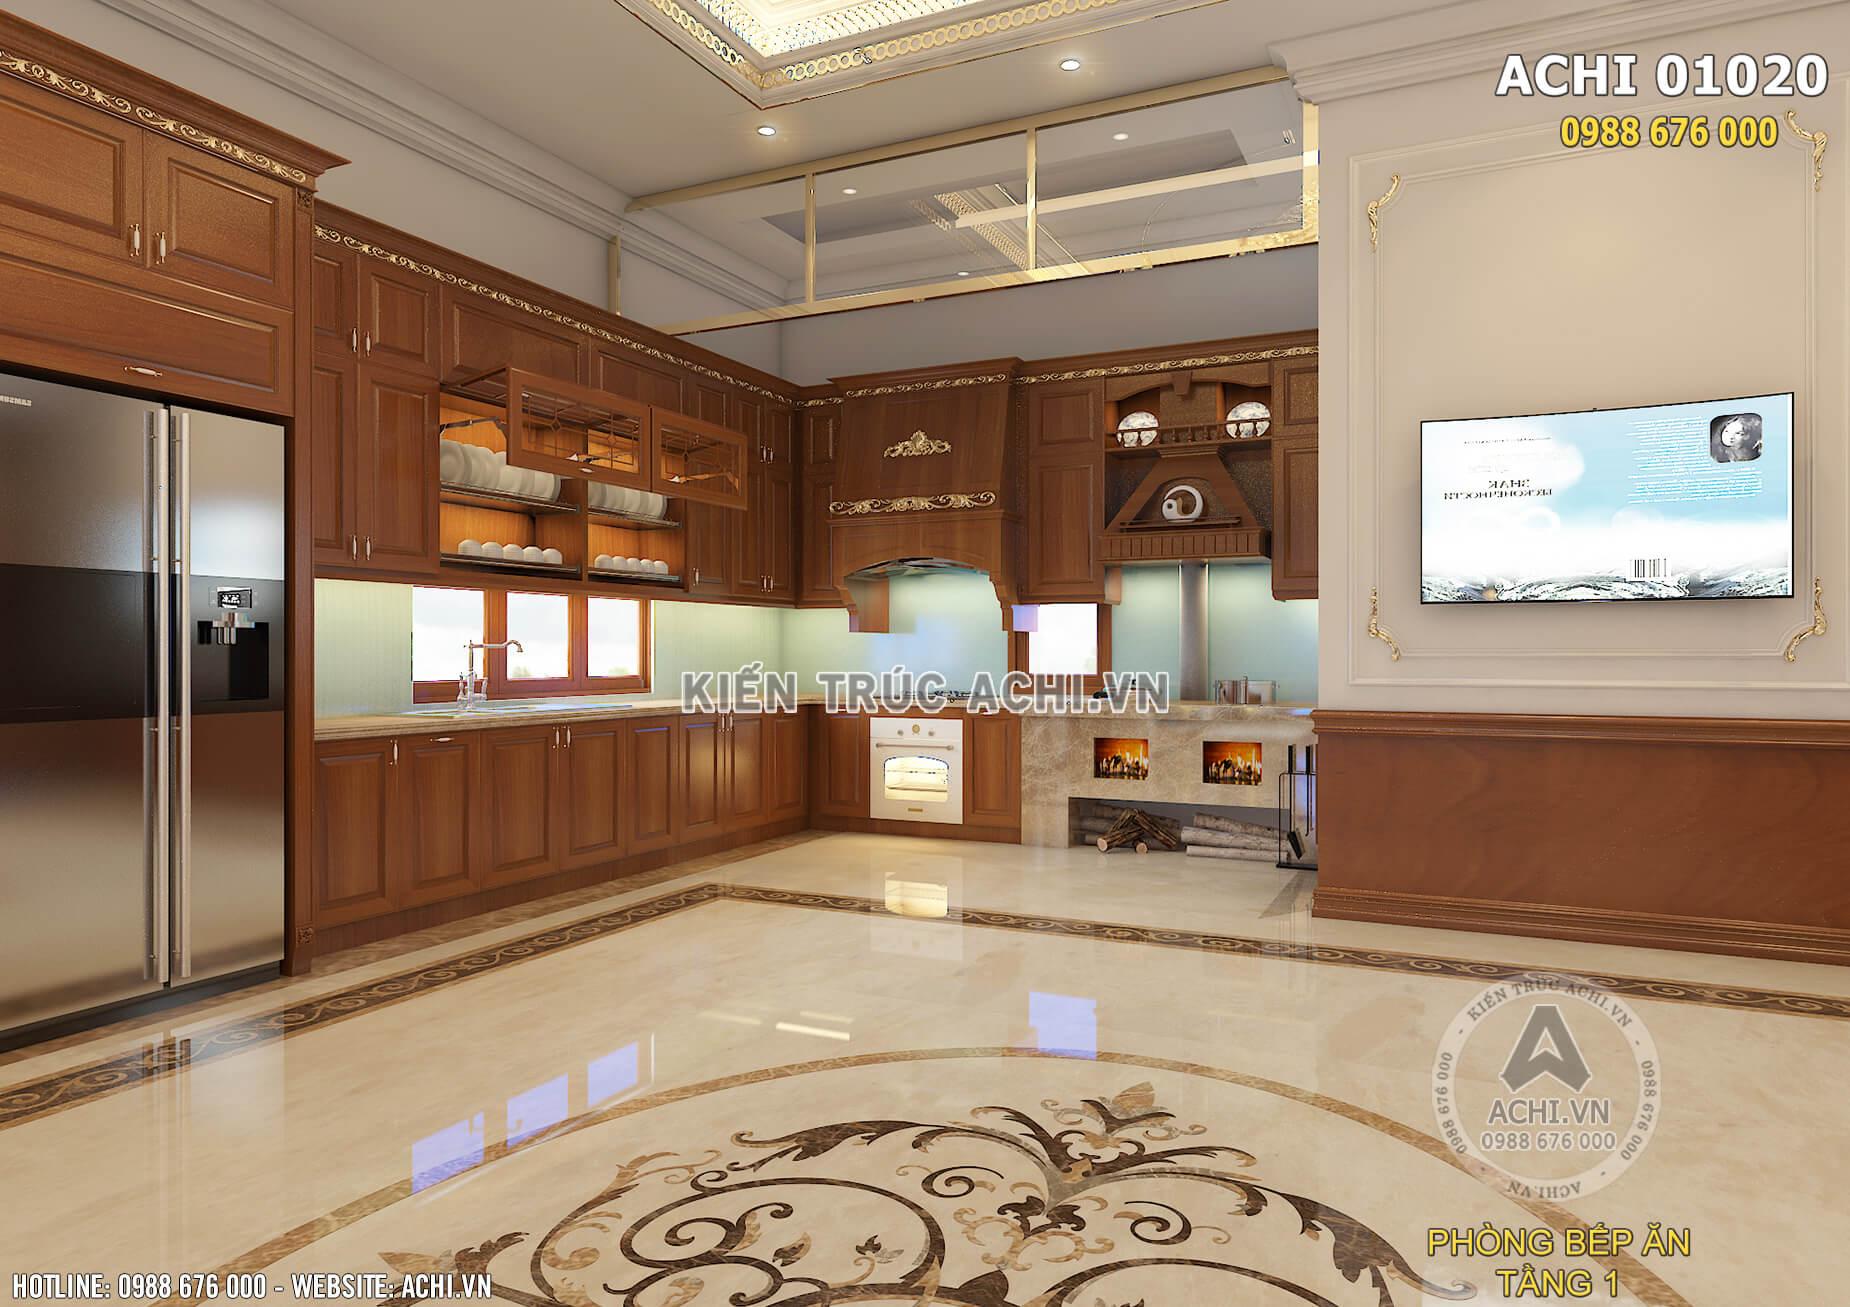 Không gian nội thất phòng bếp thoáng rộng và ấm áp